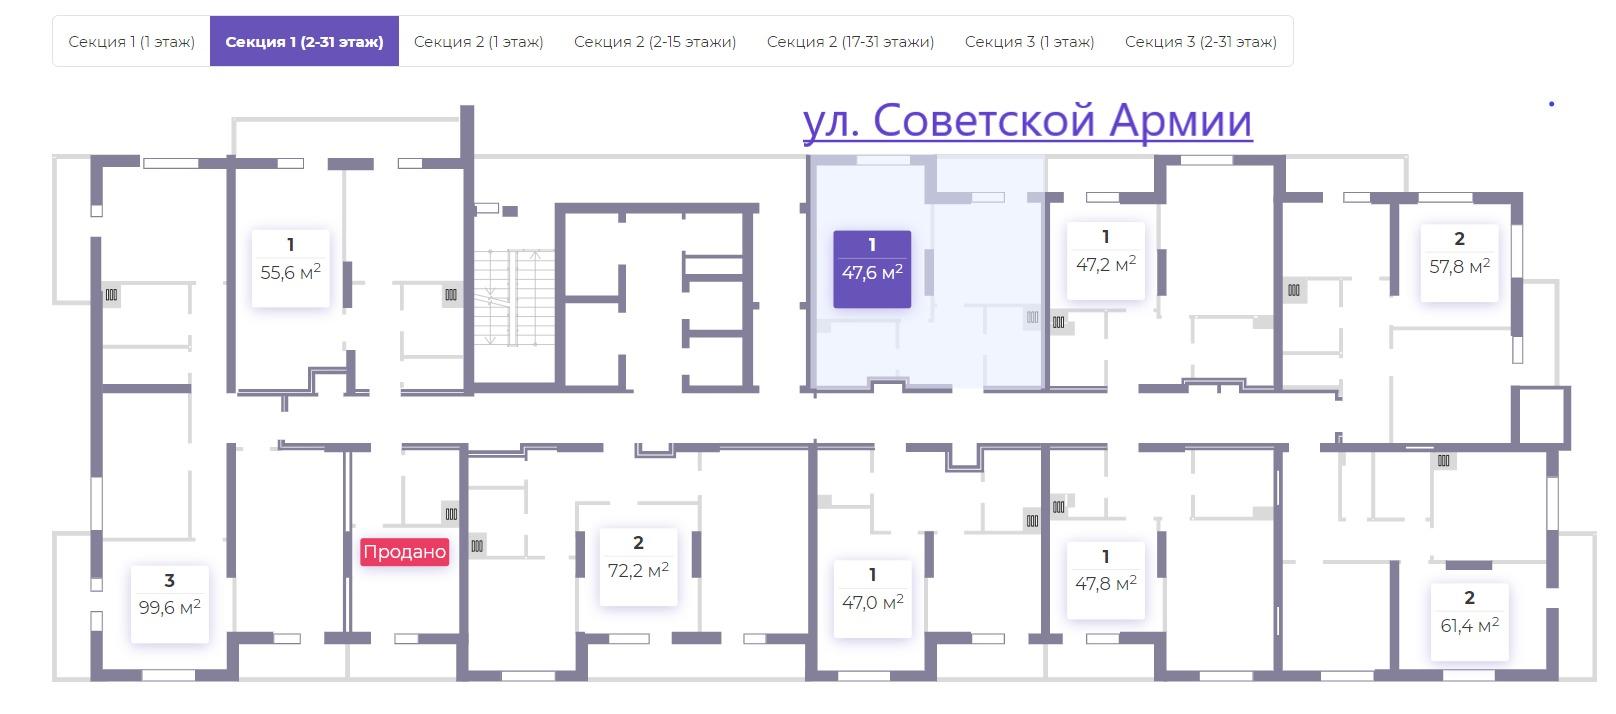 Продаётся 1-комнатная квартира в новостройке 47.6 кв.м. этаж 29/32 за 2 529 900 руб